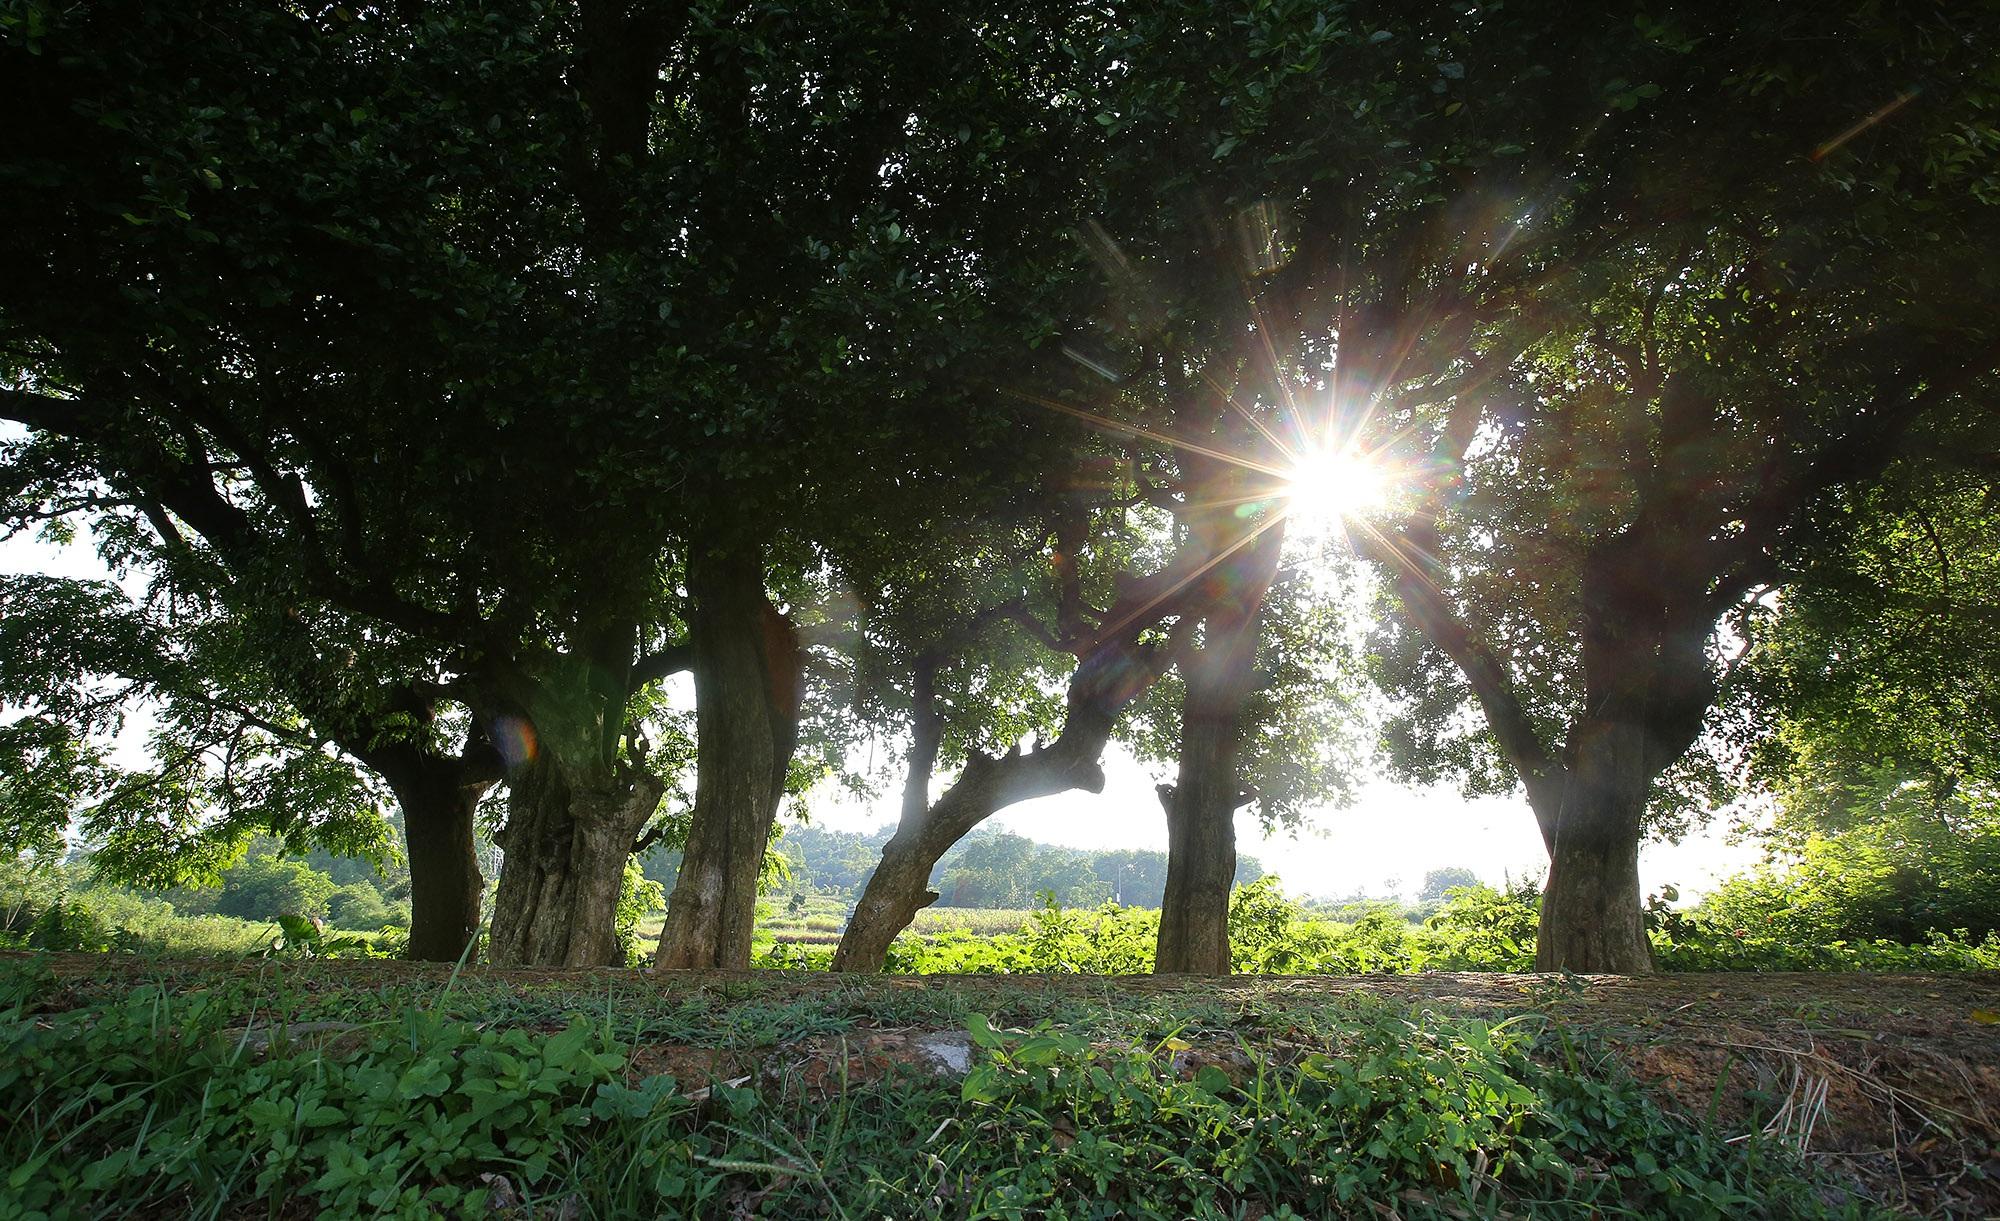 Rặng cây duối cổ hơn 1000 năm tuổi ở Hà Nội - 1